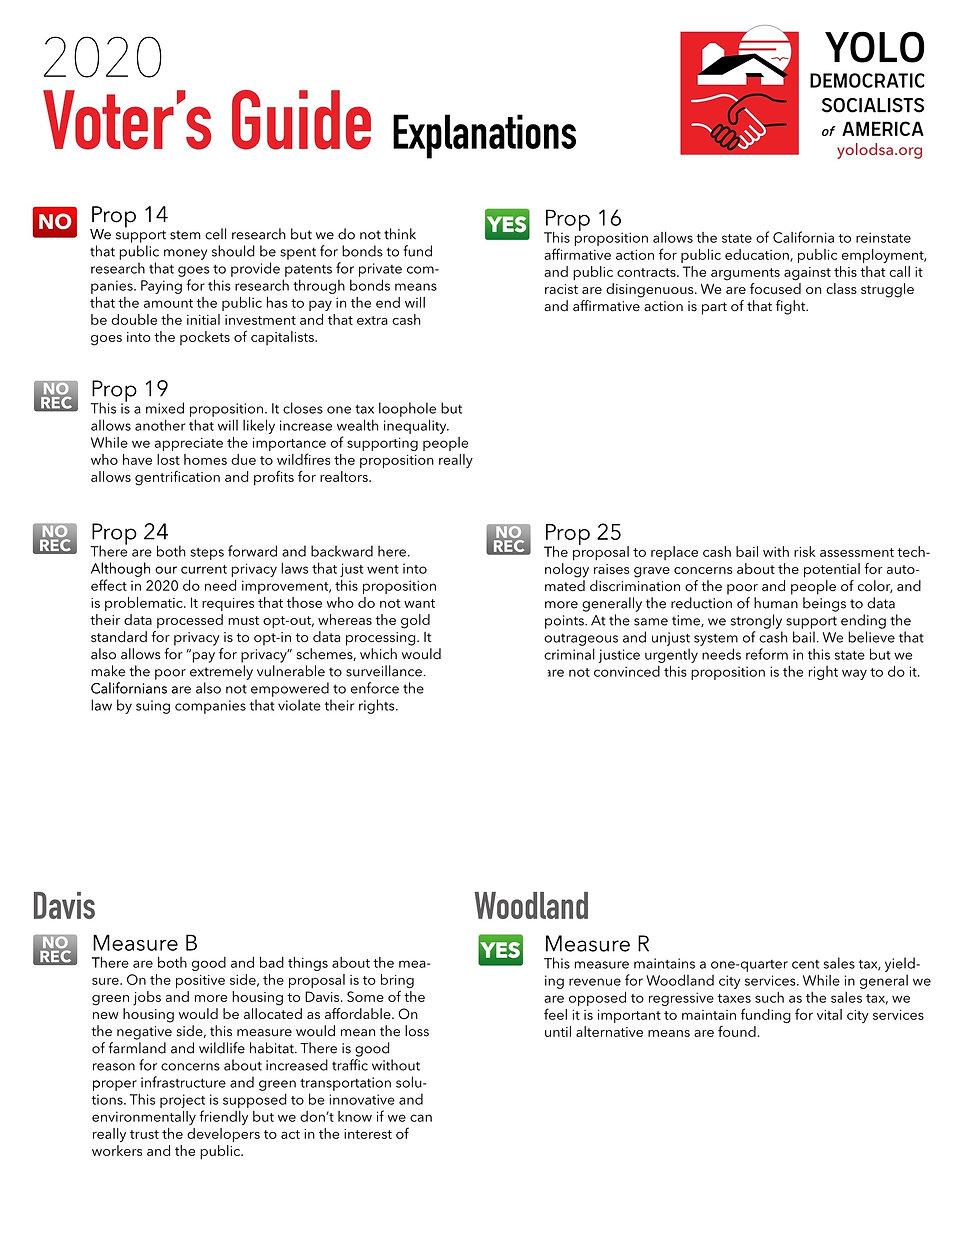 DSAvotersGuide2020 v7 - 02.jpg